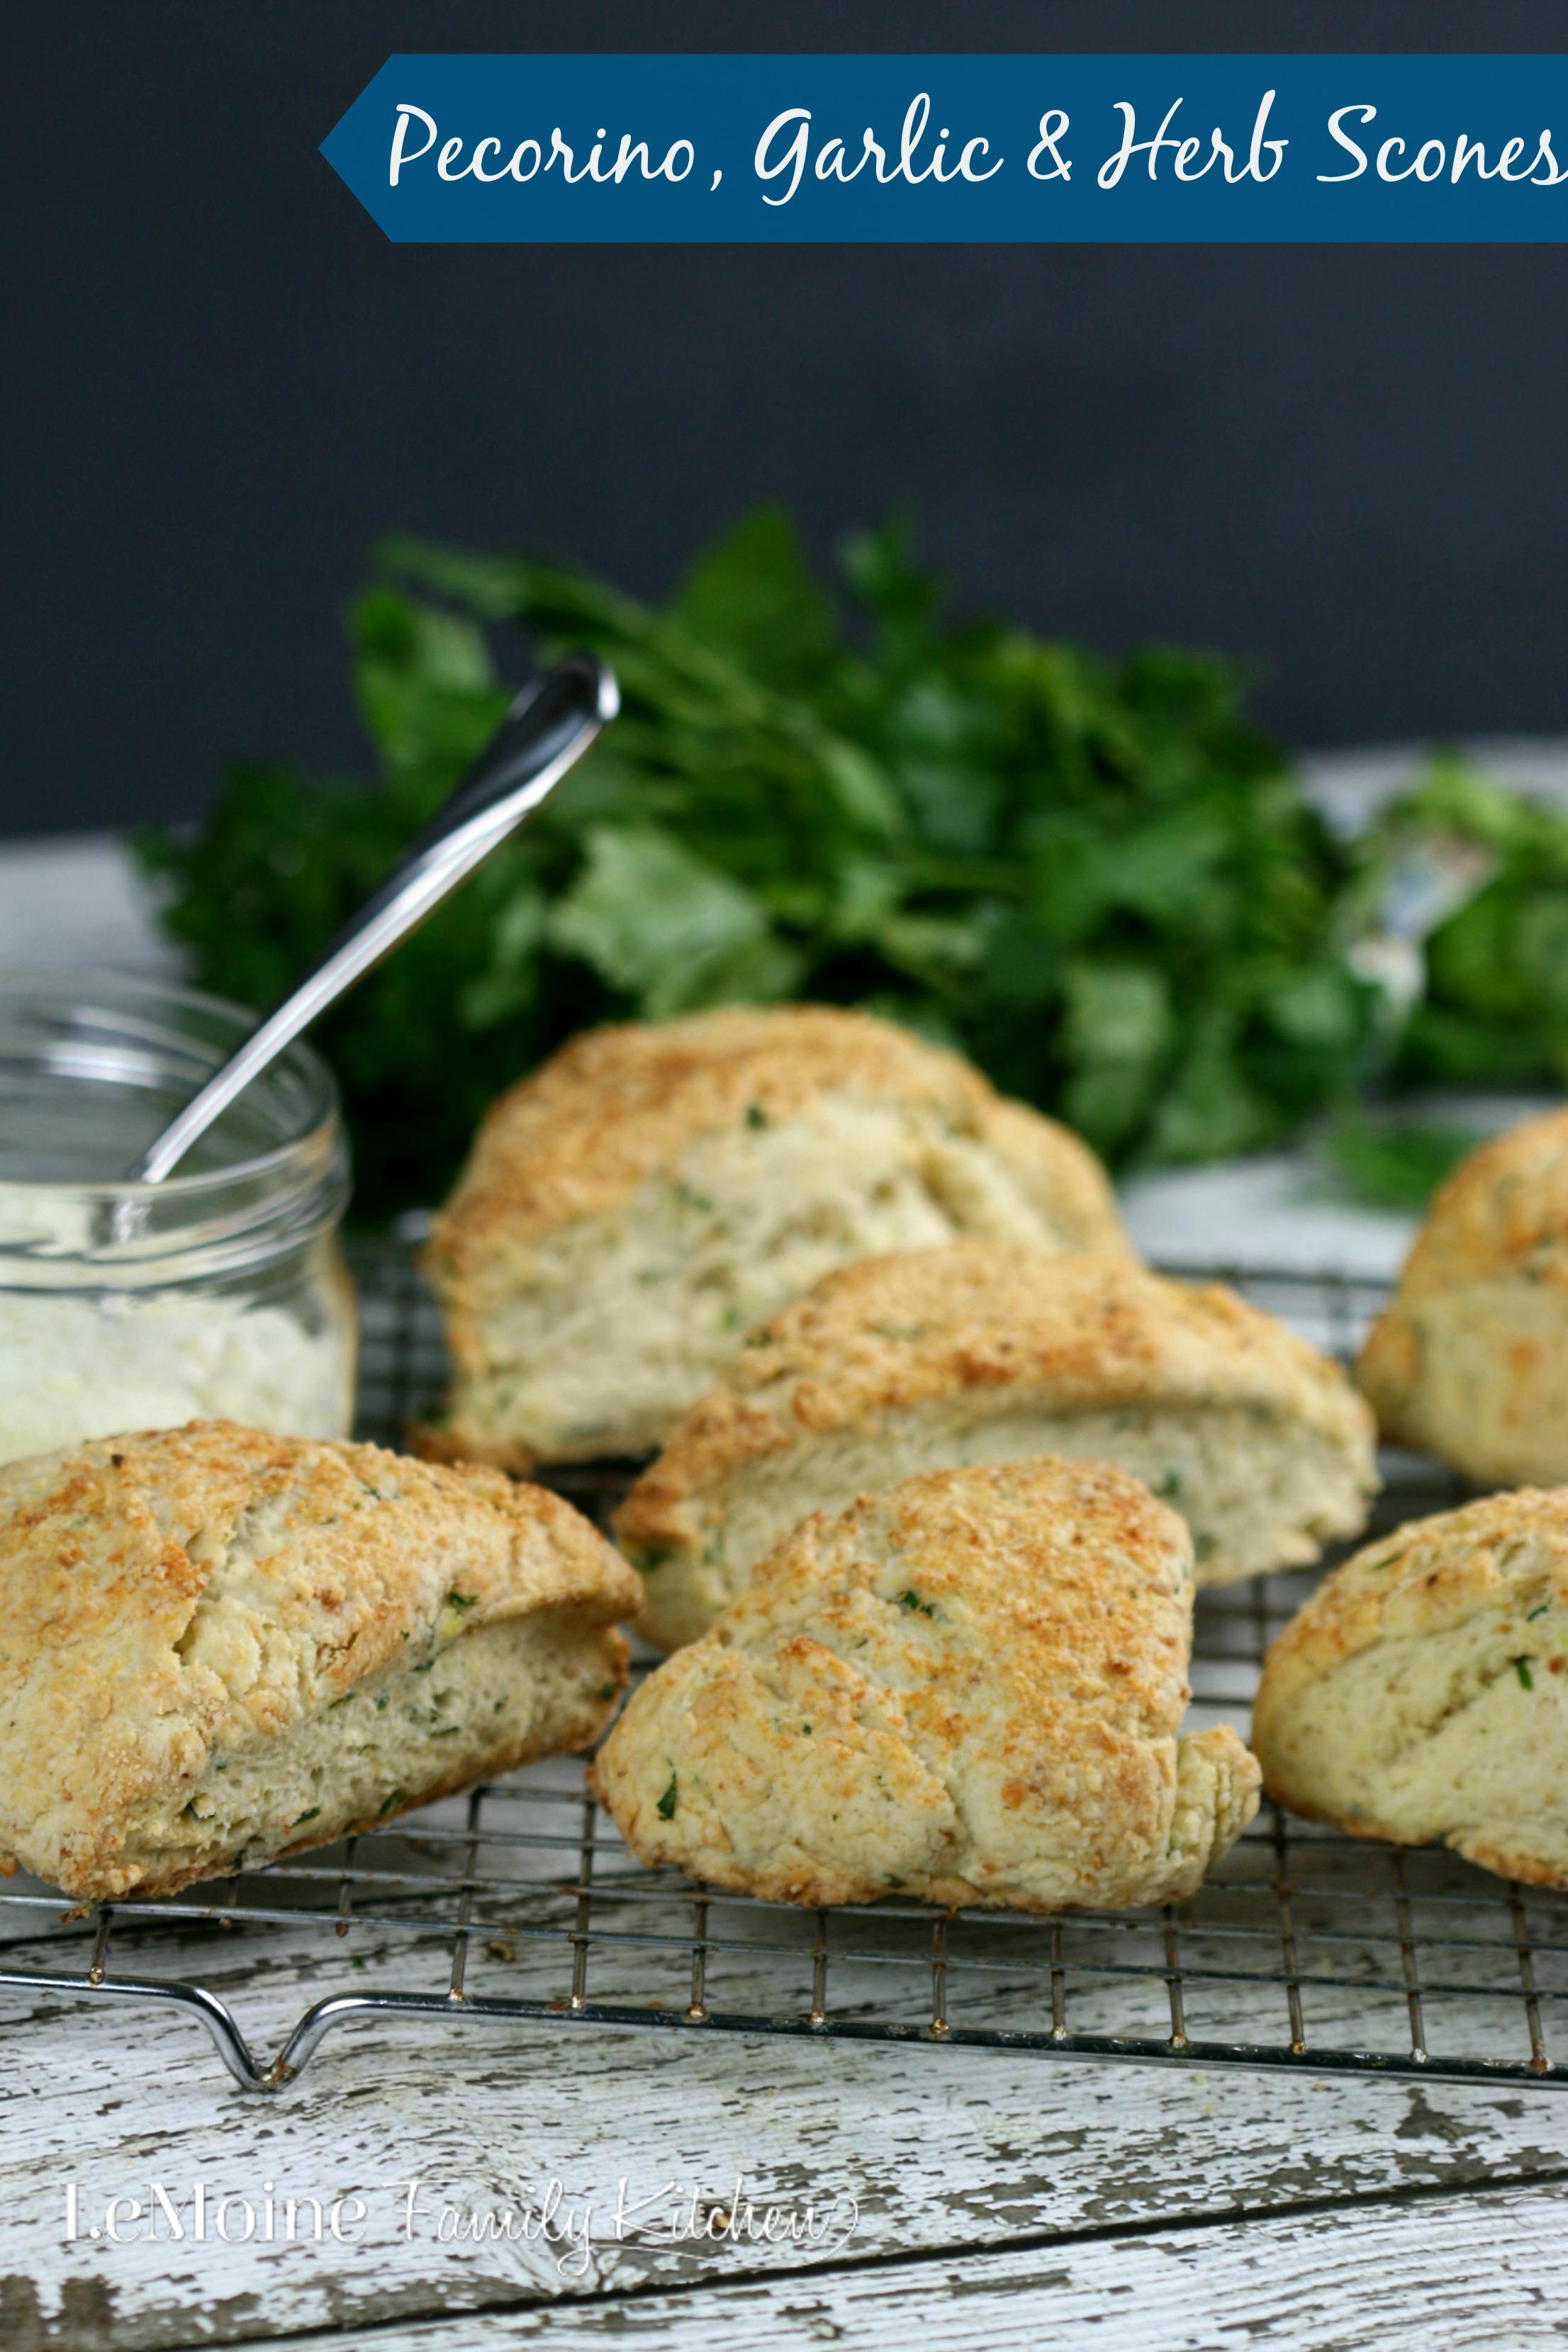 Pecorino, Garlic & Herb Scones